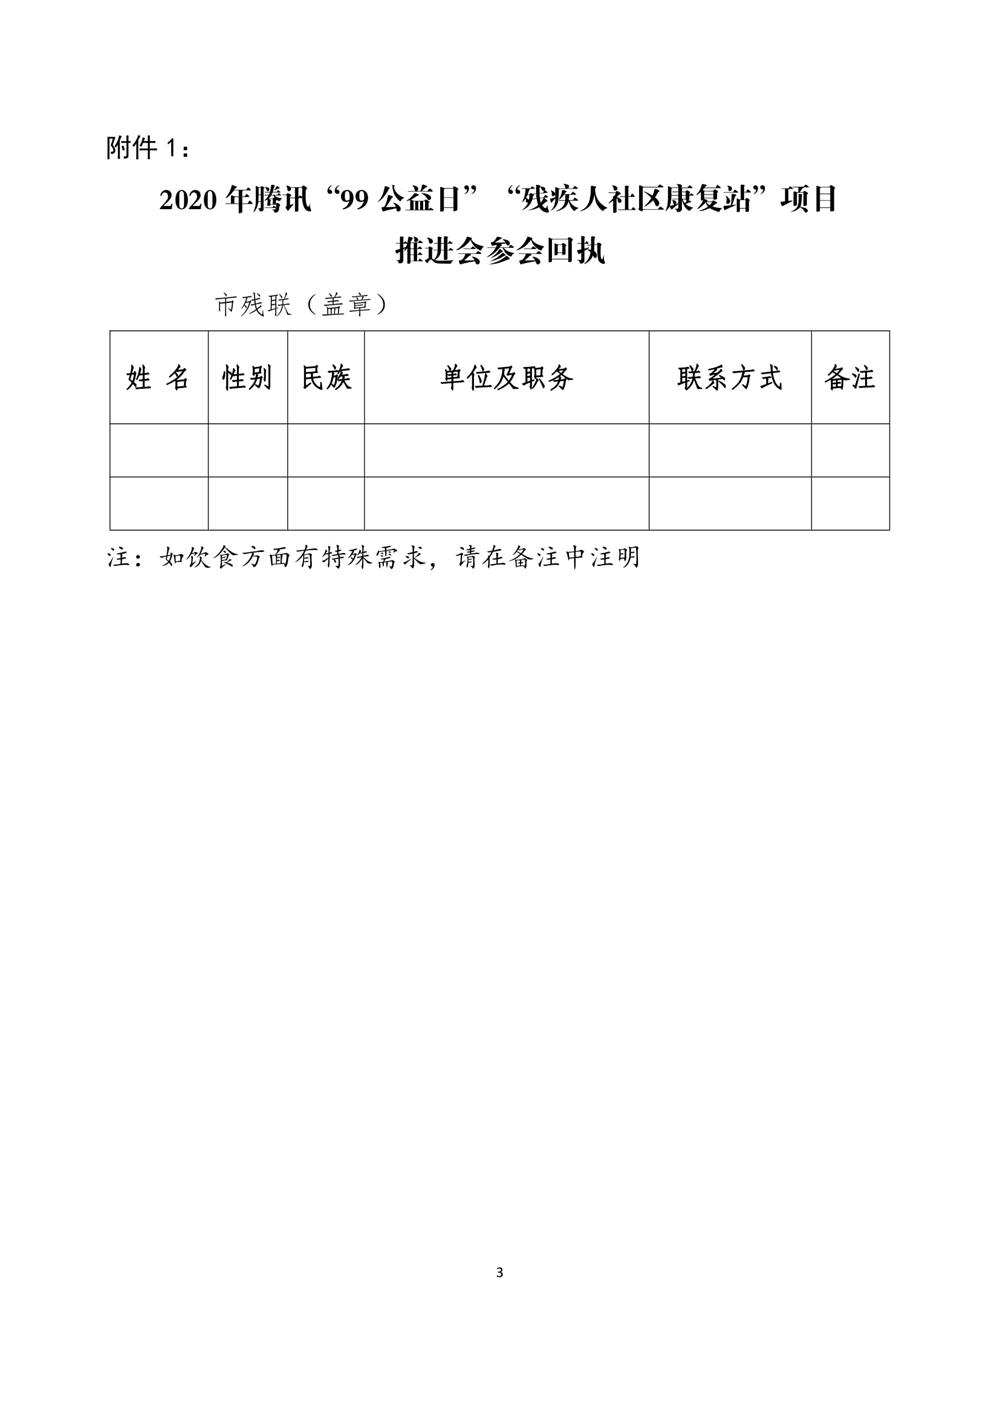 """1、关于召开2020年腾讯""""99公益日""""""""残疾人社区康复站""""项目推进会的函-3.jpg"""